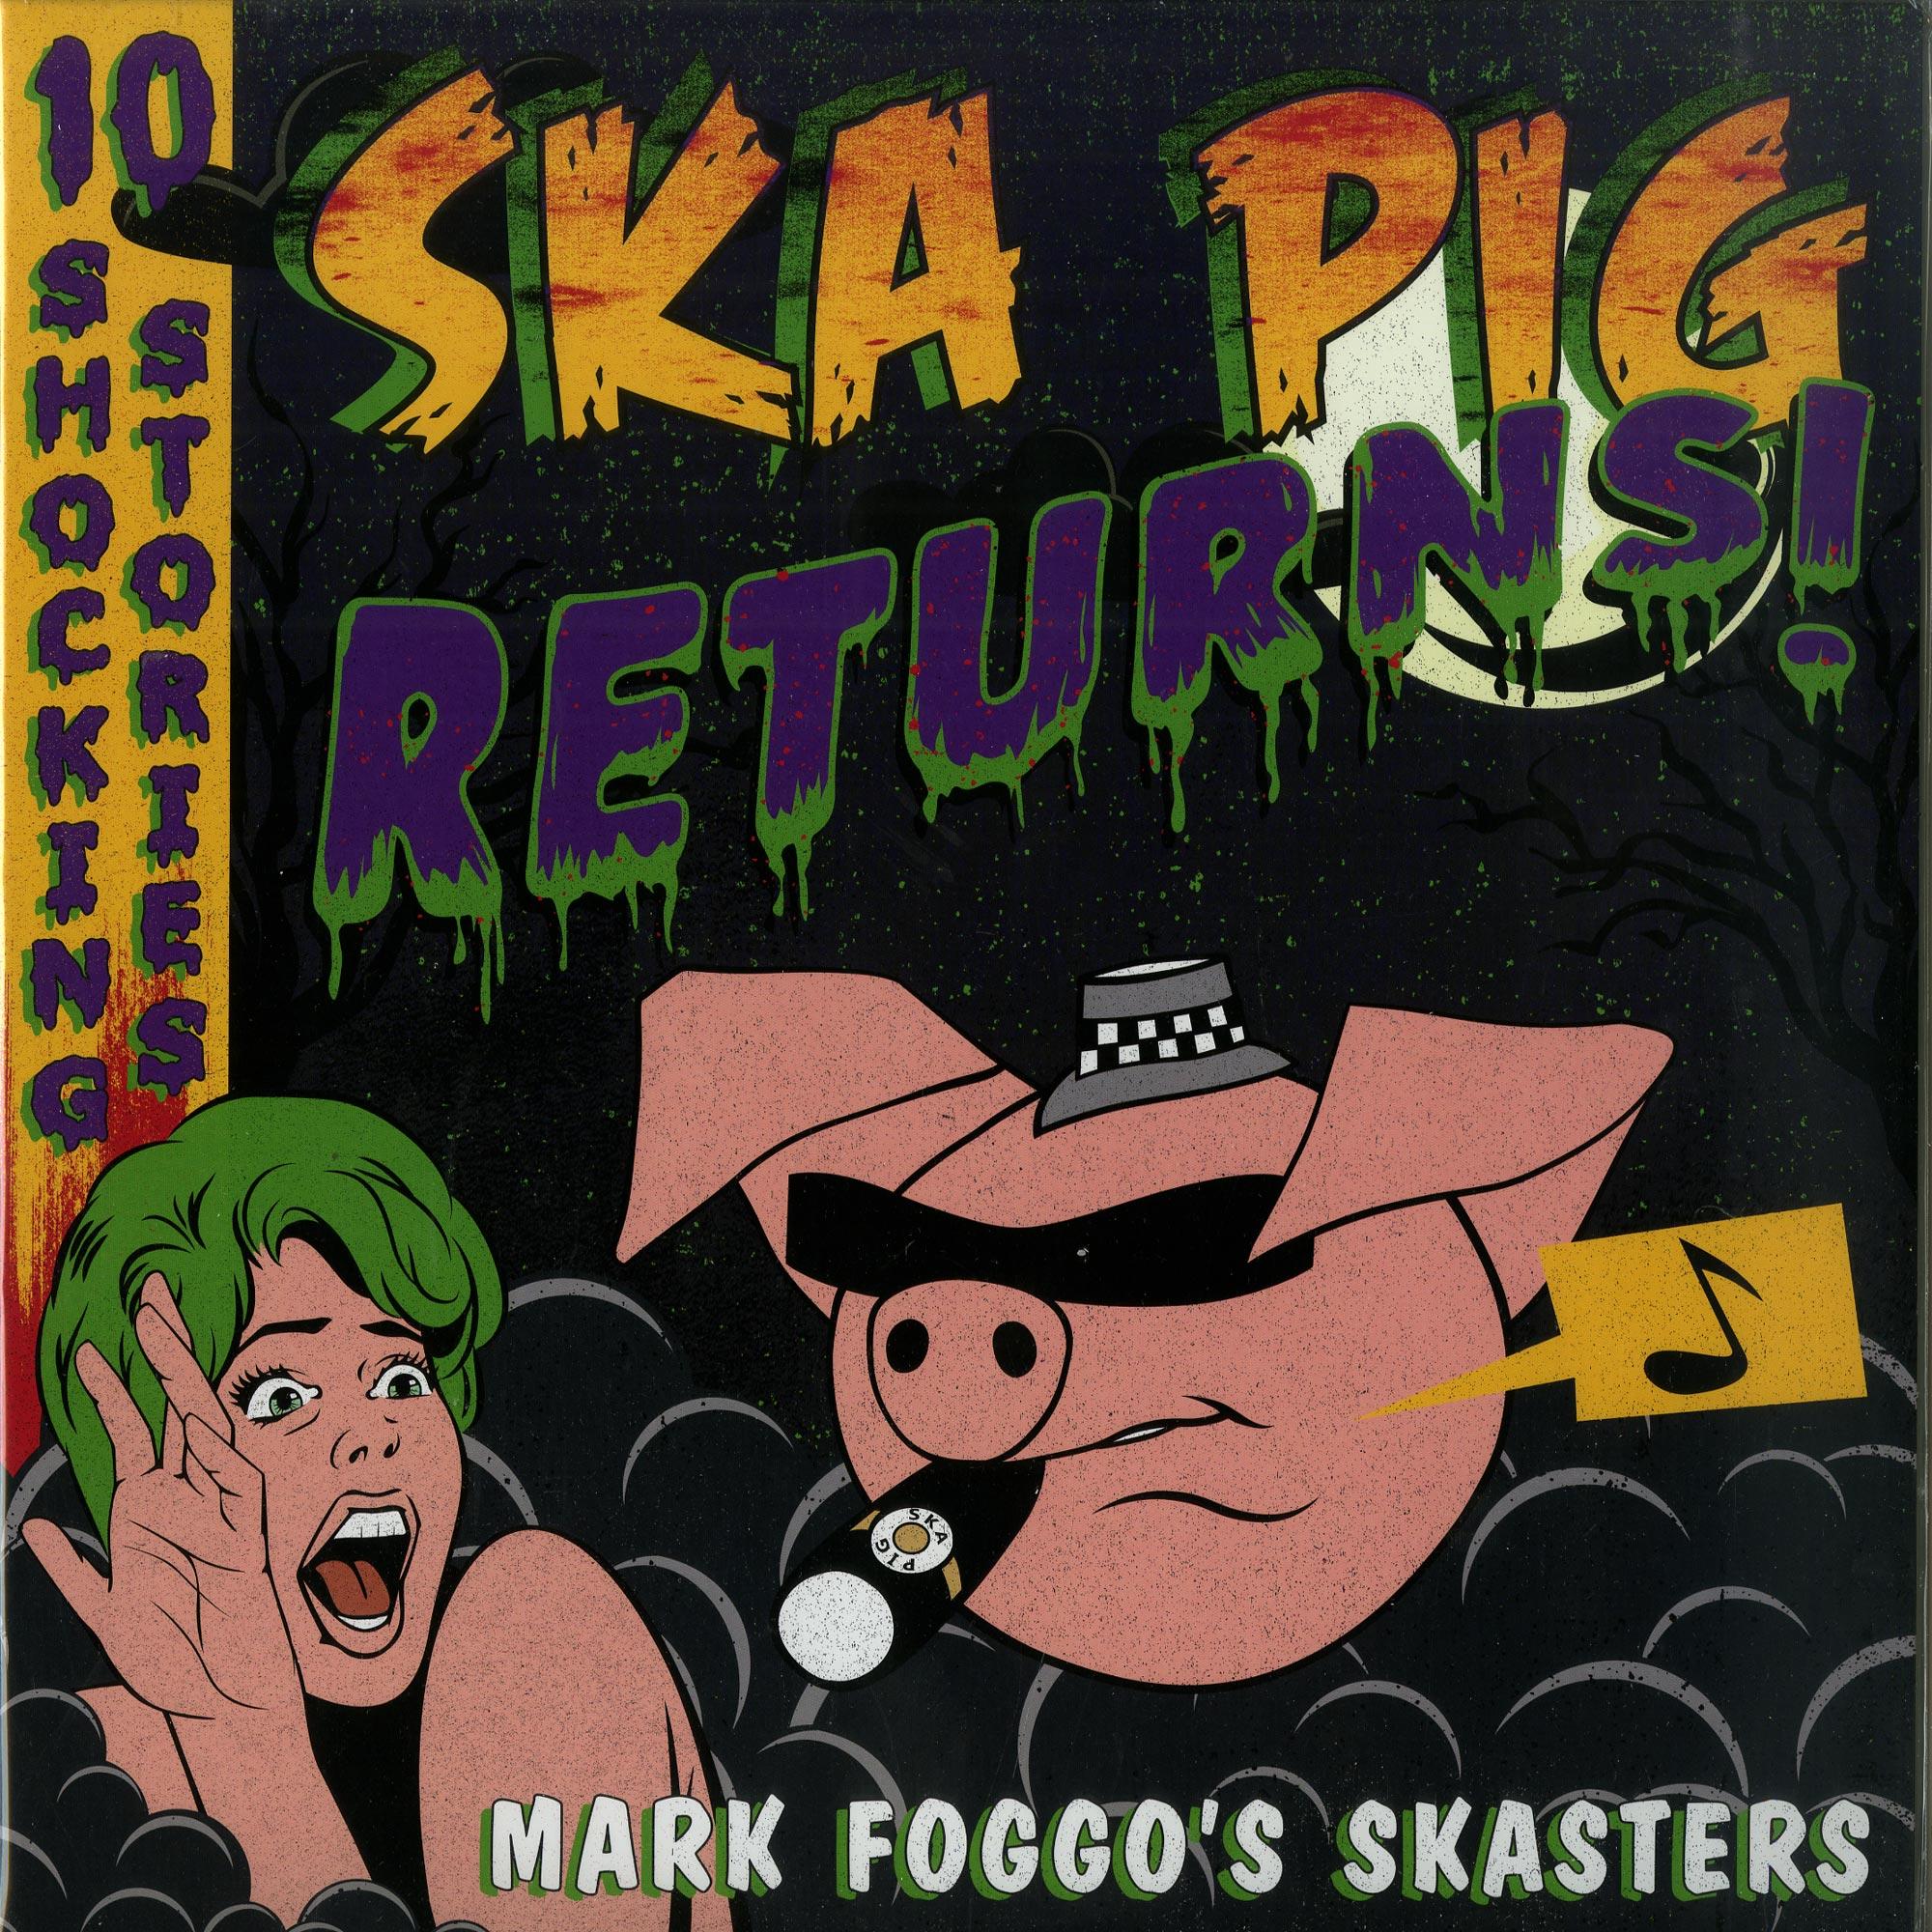 Mark Foggos Skasters - SKA PIG RETURNS!